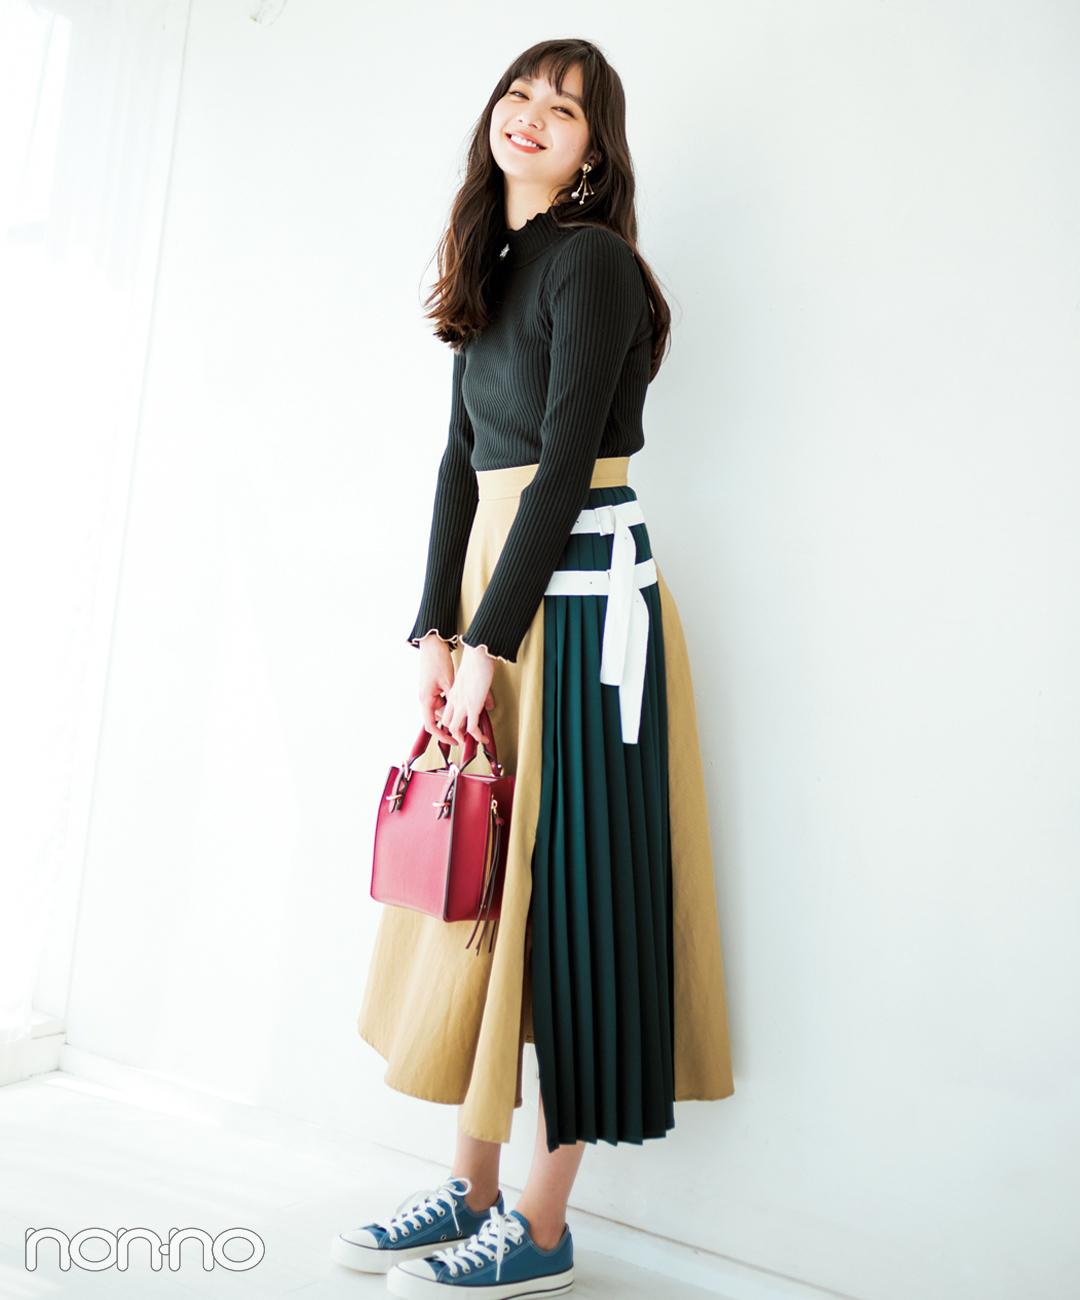 【2018秋冬スカートコーデ】ロングスカート×黒ニット×スニーカー